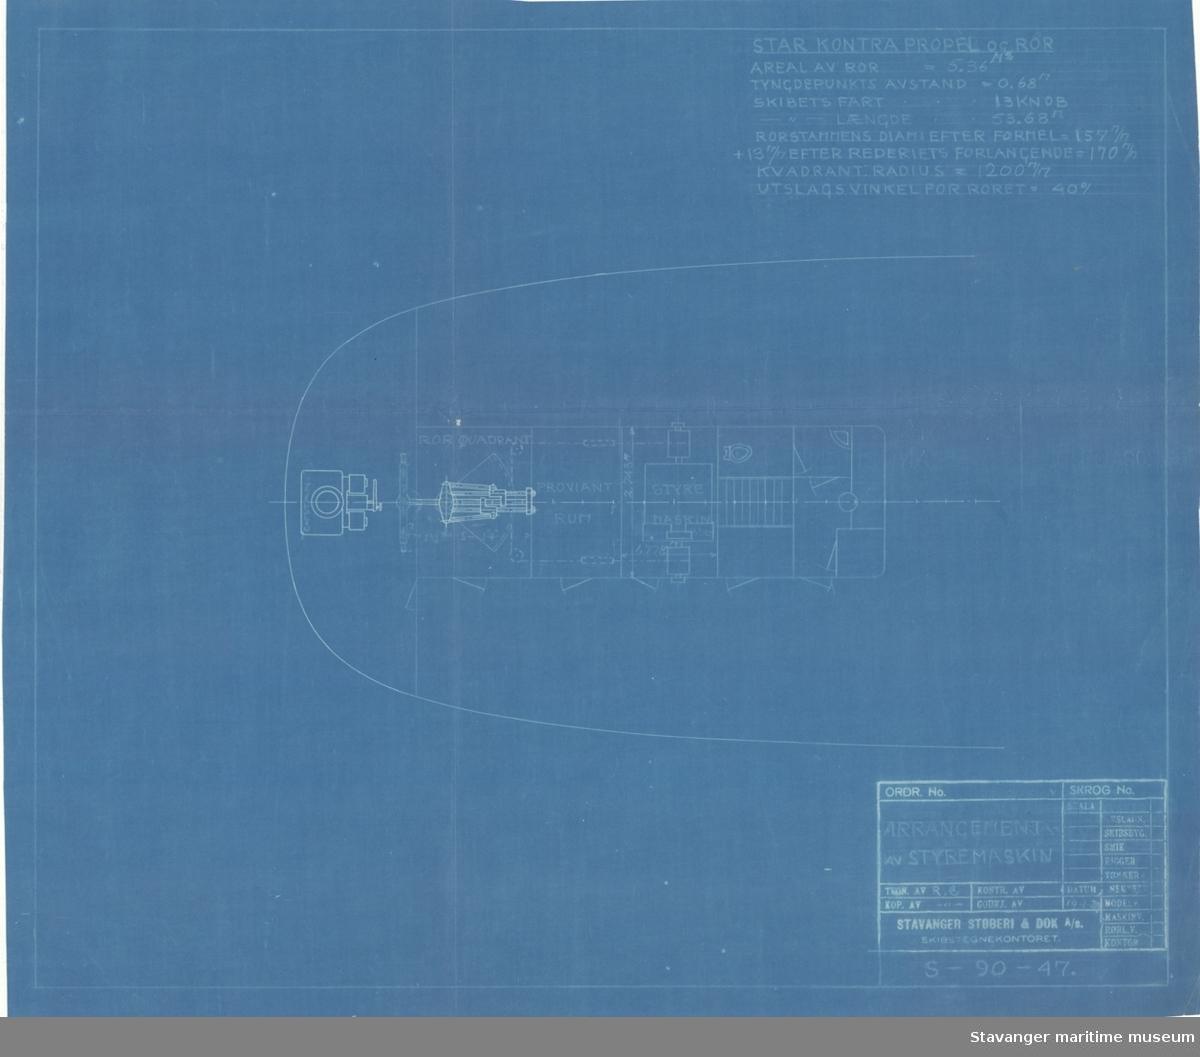 D/S ROGALAND.Arrangement av styremaskin.14.01.1929.